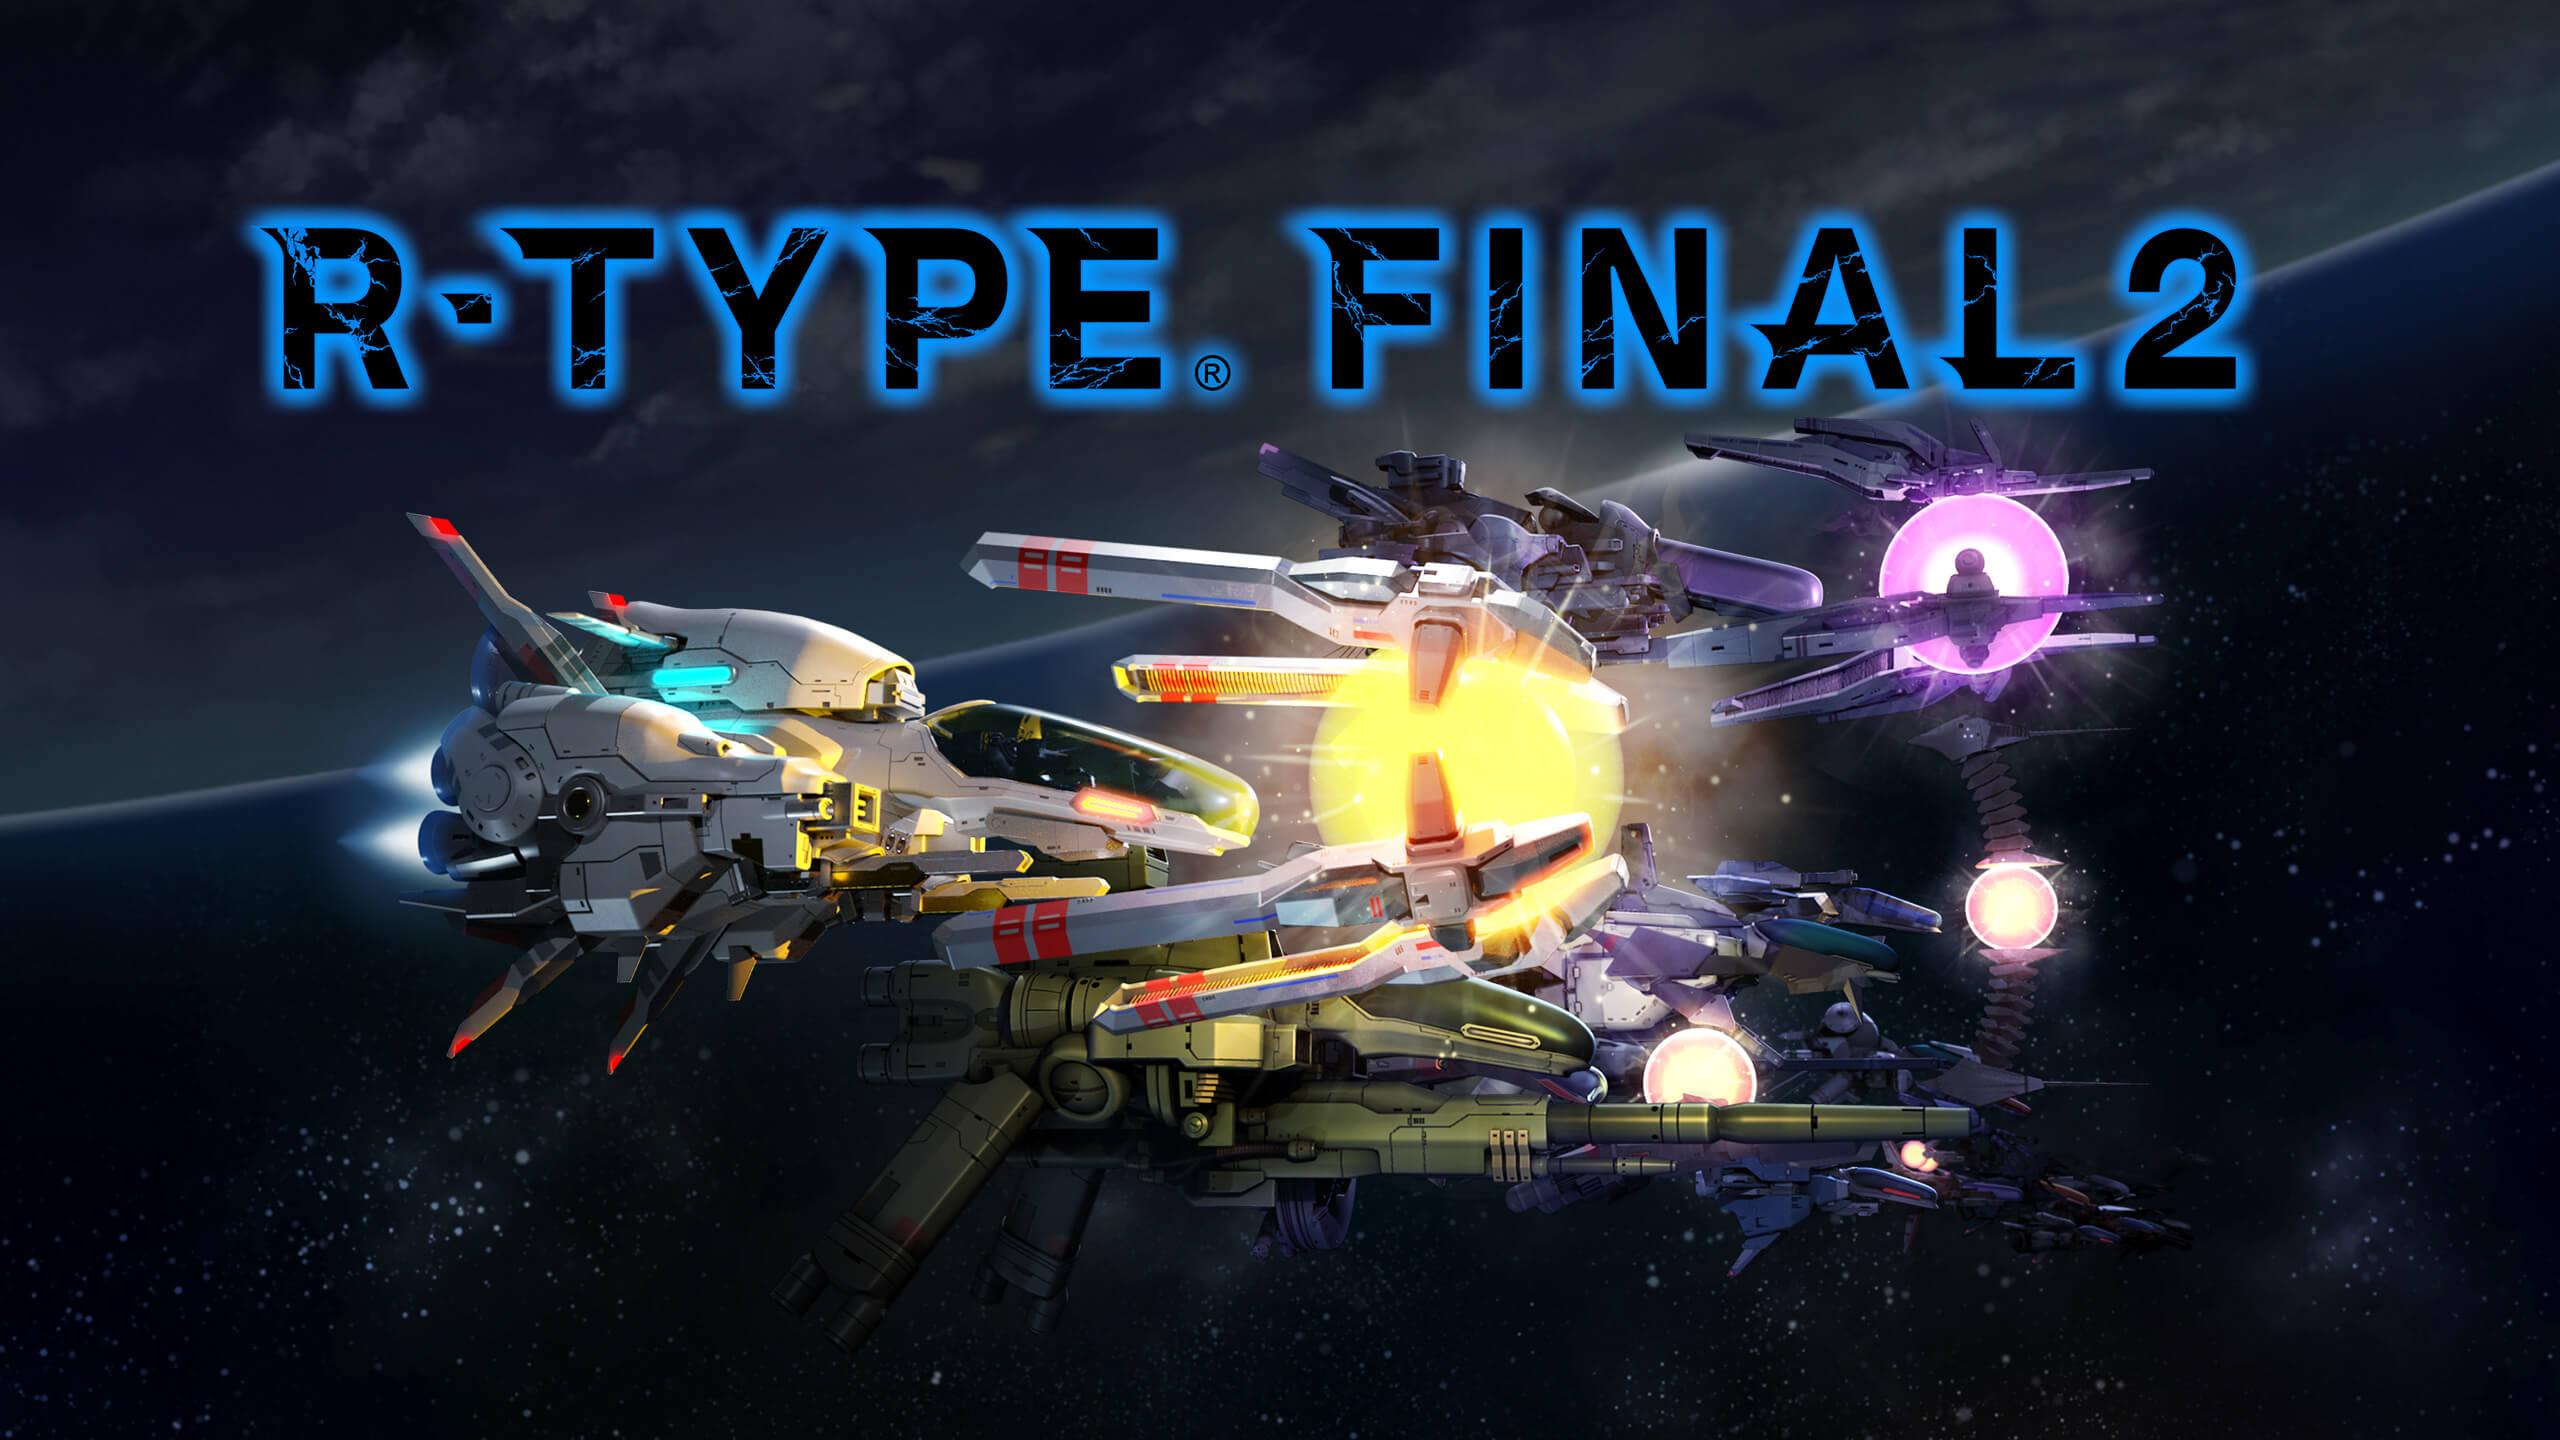 异形战机:最终2(R-TYPE FINAL 2)插图5